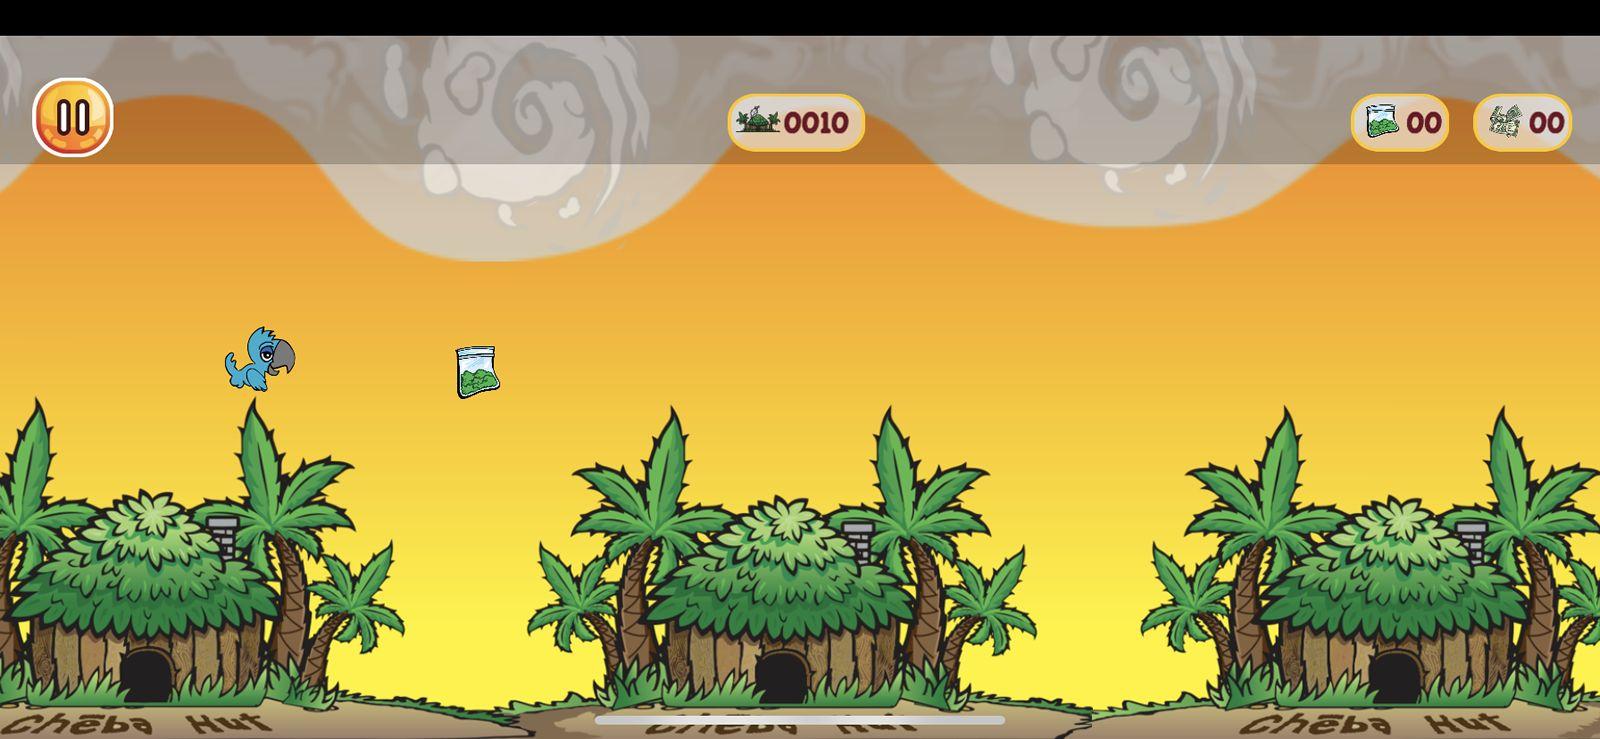 Cheba Hut Flips the Bird: Lancement de l'application de la marque Sandwich sur le thème de la marijuana à croissance rapide;  Augmentation de 50% des téléchargements de jeux / fidélité